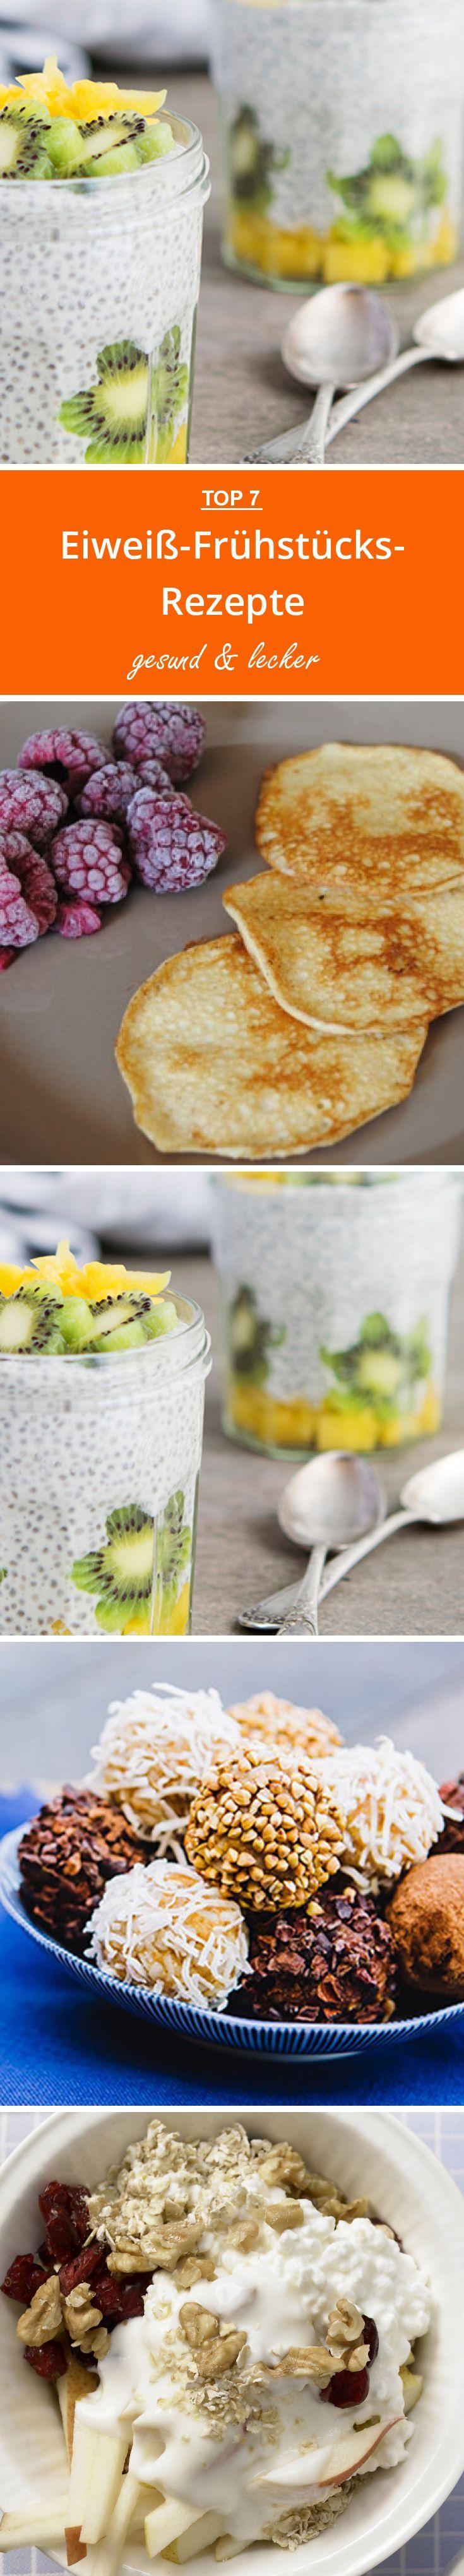 Eiweiß Frühstücksrezepte   eatsmarter.de #protein # protein #kochbuch   – Eiweiß-Frühstück